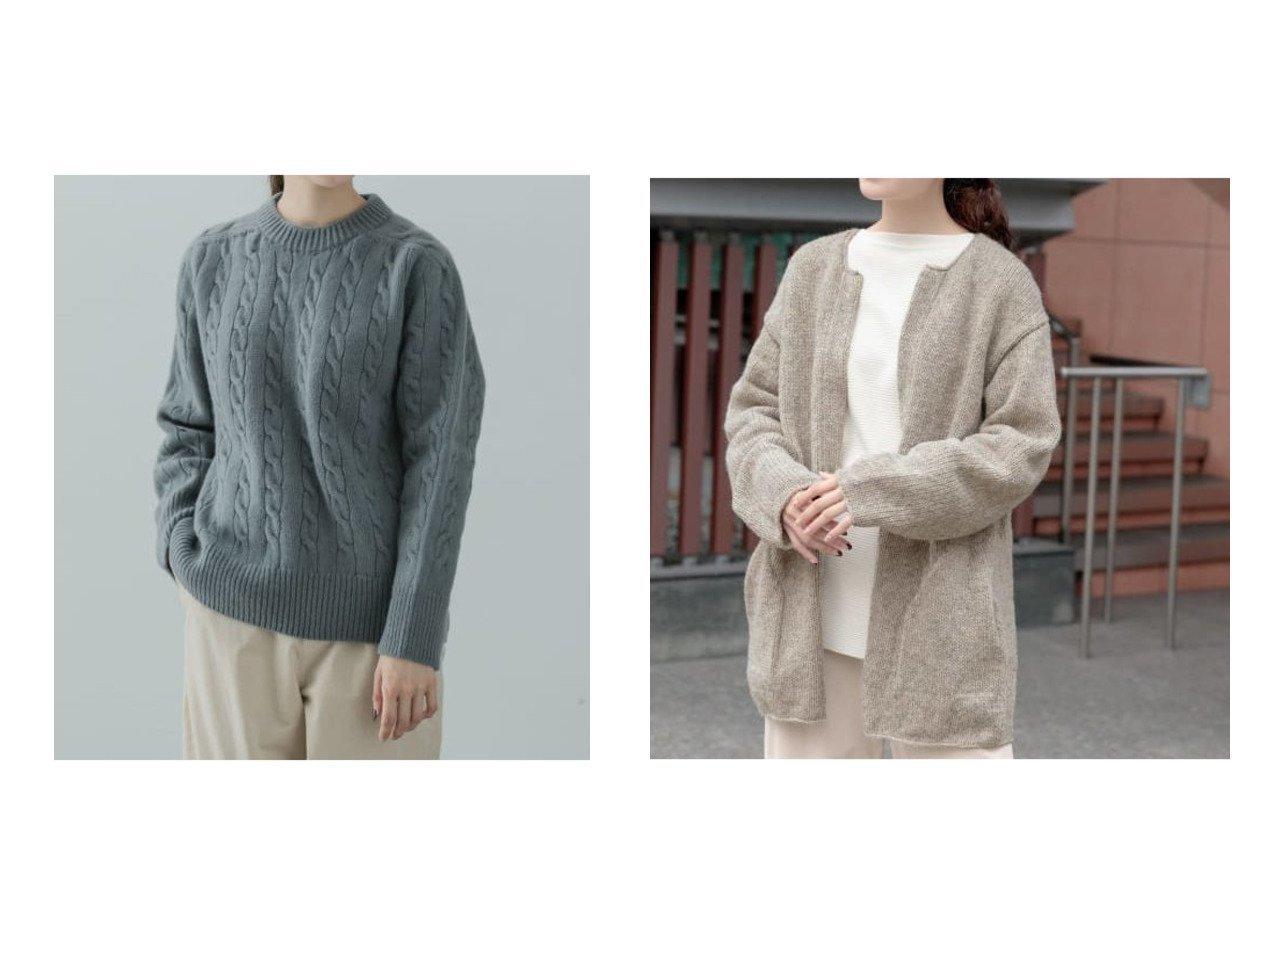 【kagure/かぐれ】のペルーニットロングカーディガン&【別注】Island Tides Cable knit PullOver トップス・カットソーのおすすめ!人気、レディースファッションの通販 おすすめで人気のファッション通販商品 インテリア・家具・キッズファッション・メンズファッション・レディースファッション・服の通販 founy(ファニー) https://founy.com/ ファッション Fashion レディース WOMEN トップス Tops Tshirt ニット Knit Tops プルオーバー Pullover カーディガン Cardigans スカーフ スタンダード セーター デニム プリーツ ポケット 別注 ミックス カーディガン 人気 ロング ワイド |ID:crp329100000001979